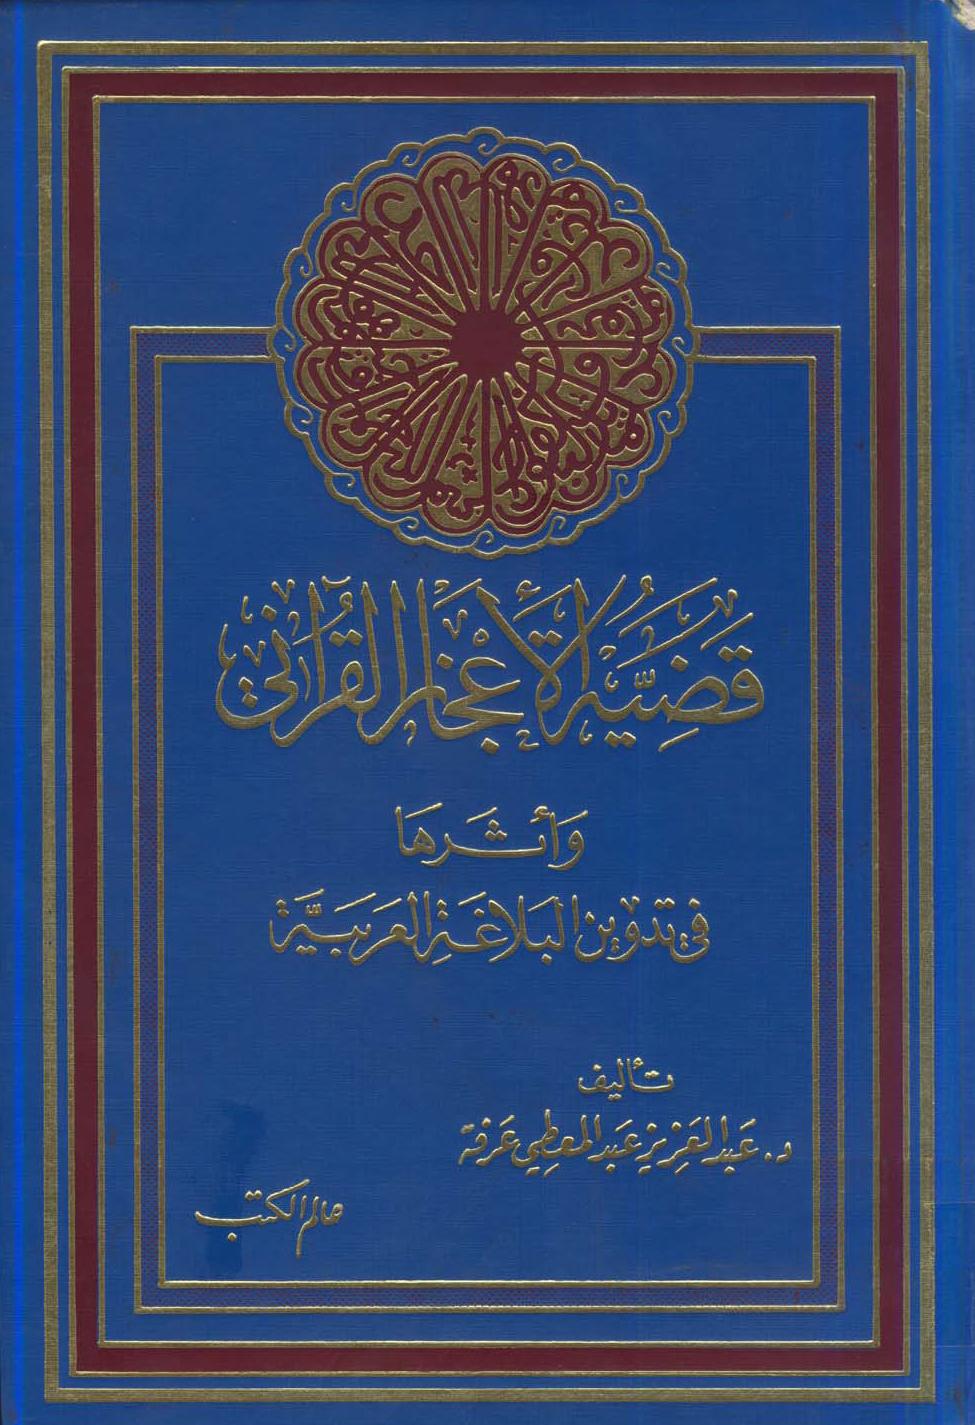 تحميل كتاب قضية الإعجاز القرآني وأثرها في تدوين البلاغة العربية لـِ: الدكتور عبد العزيز عبد المعطي عرفة